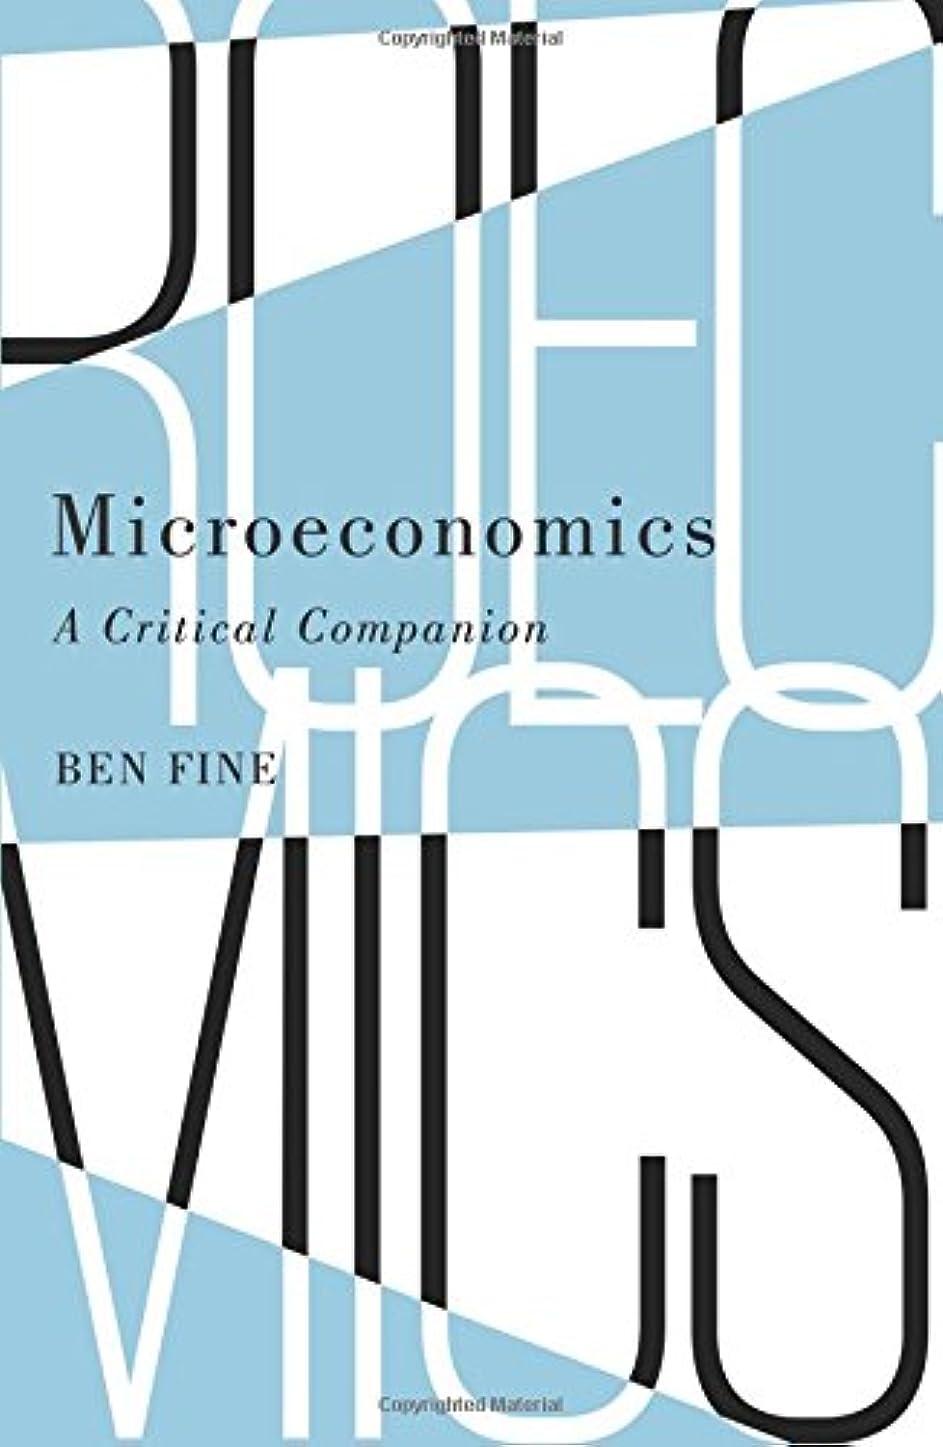 話す実証する手数料Microeconomics: A Critical Companion (IIPPE)